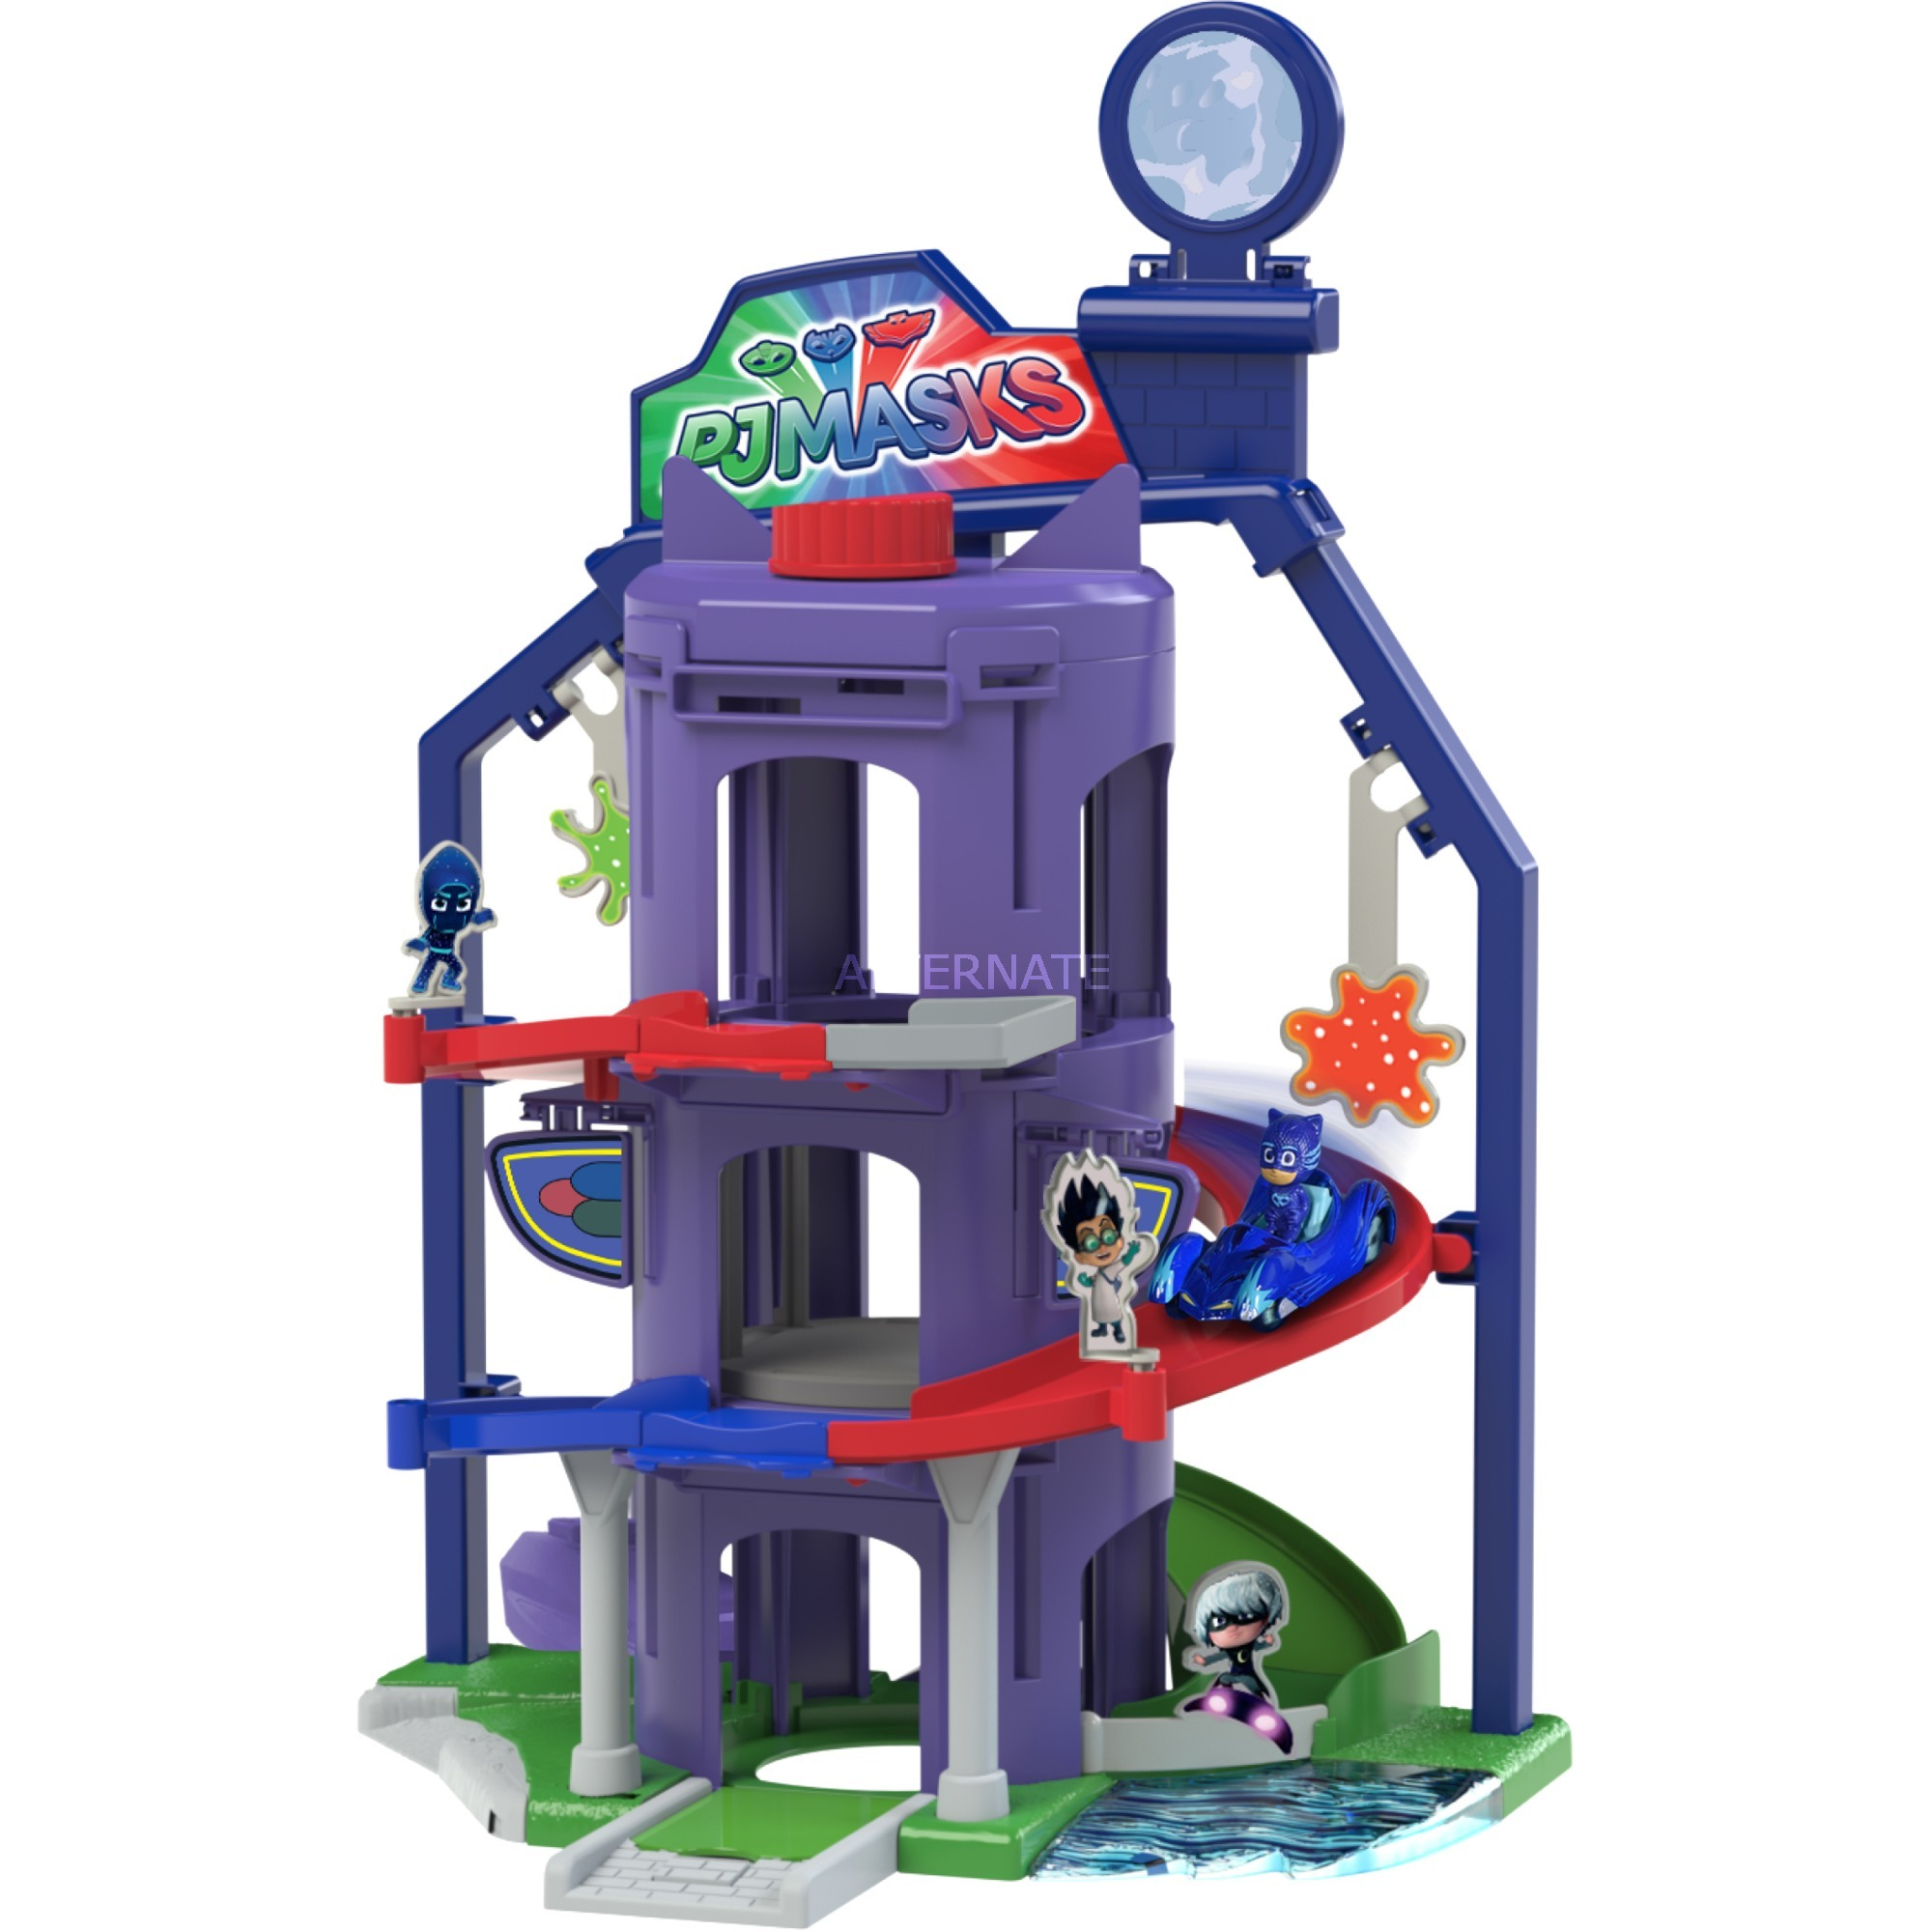 203145000 pista para vehículos de juguete, Juego de construcción